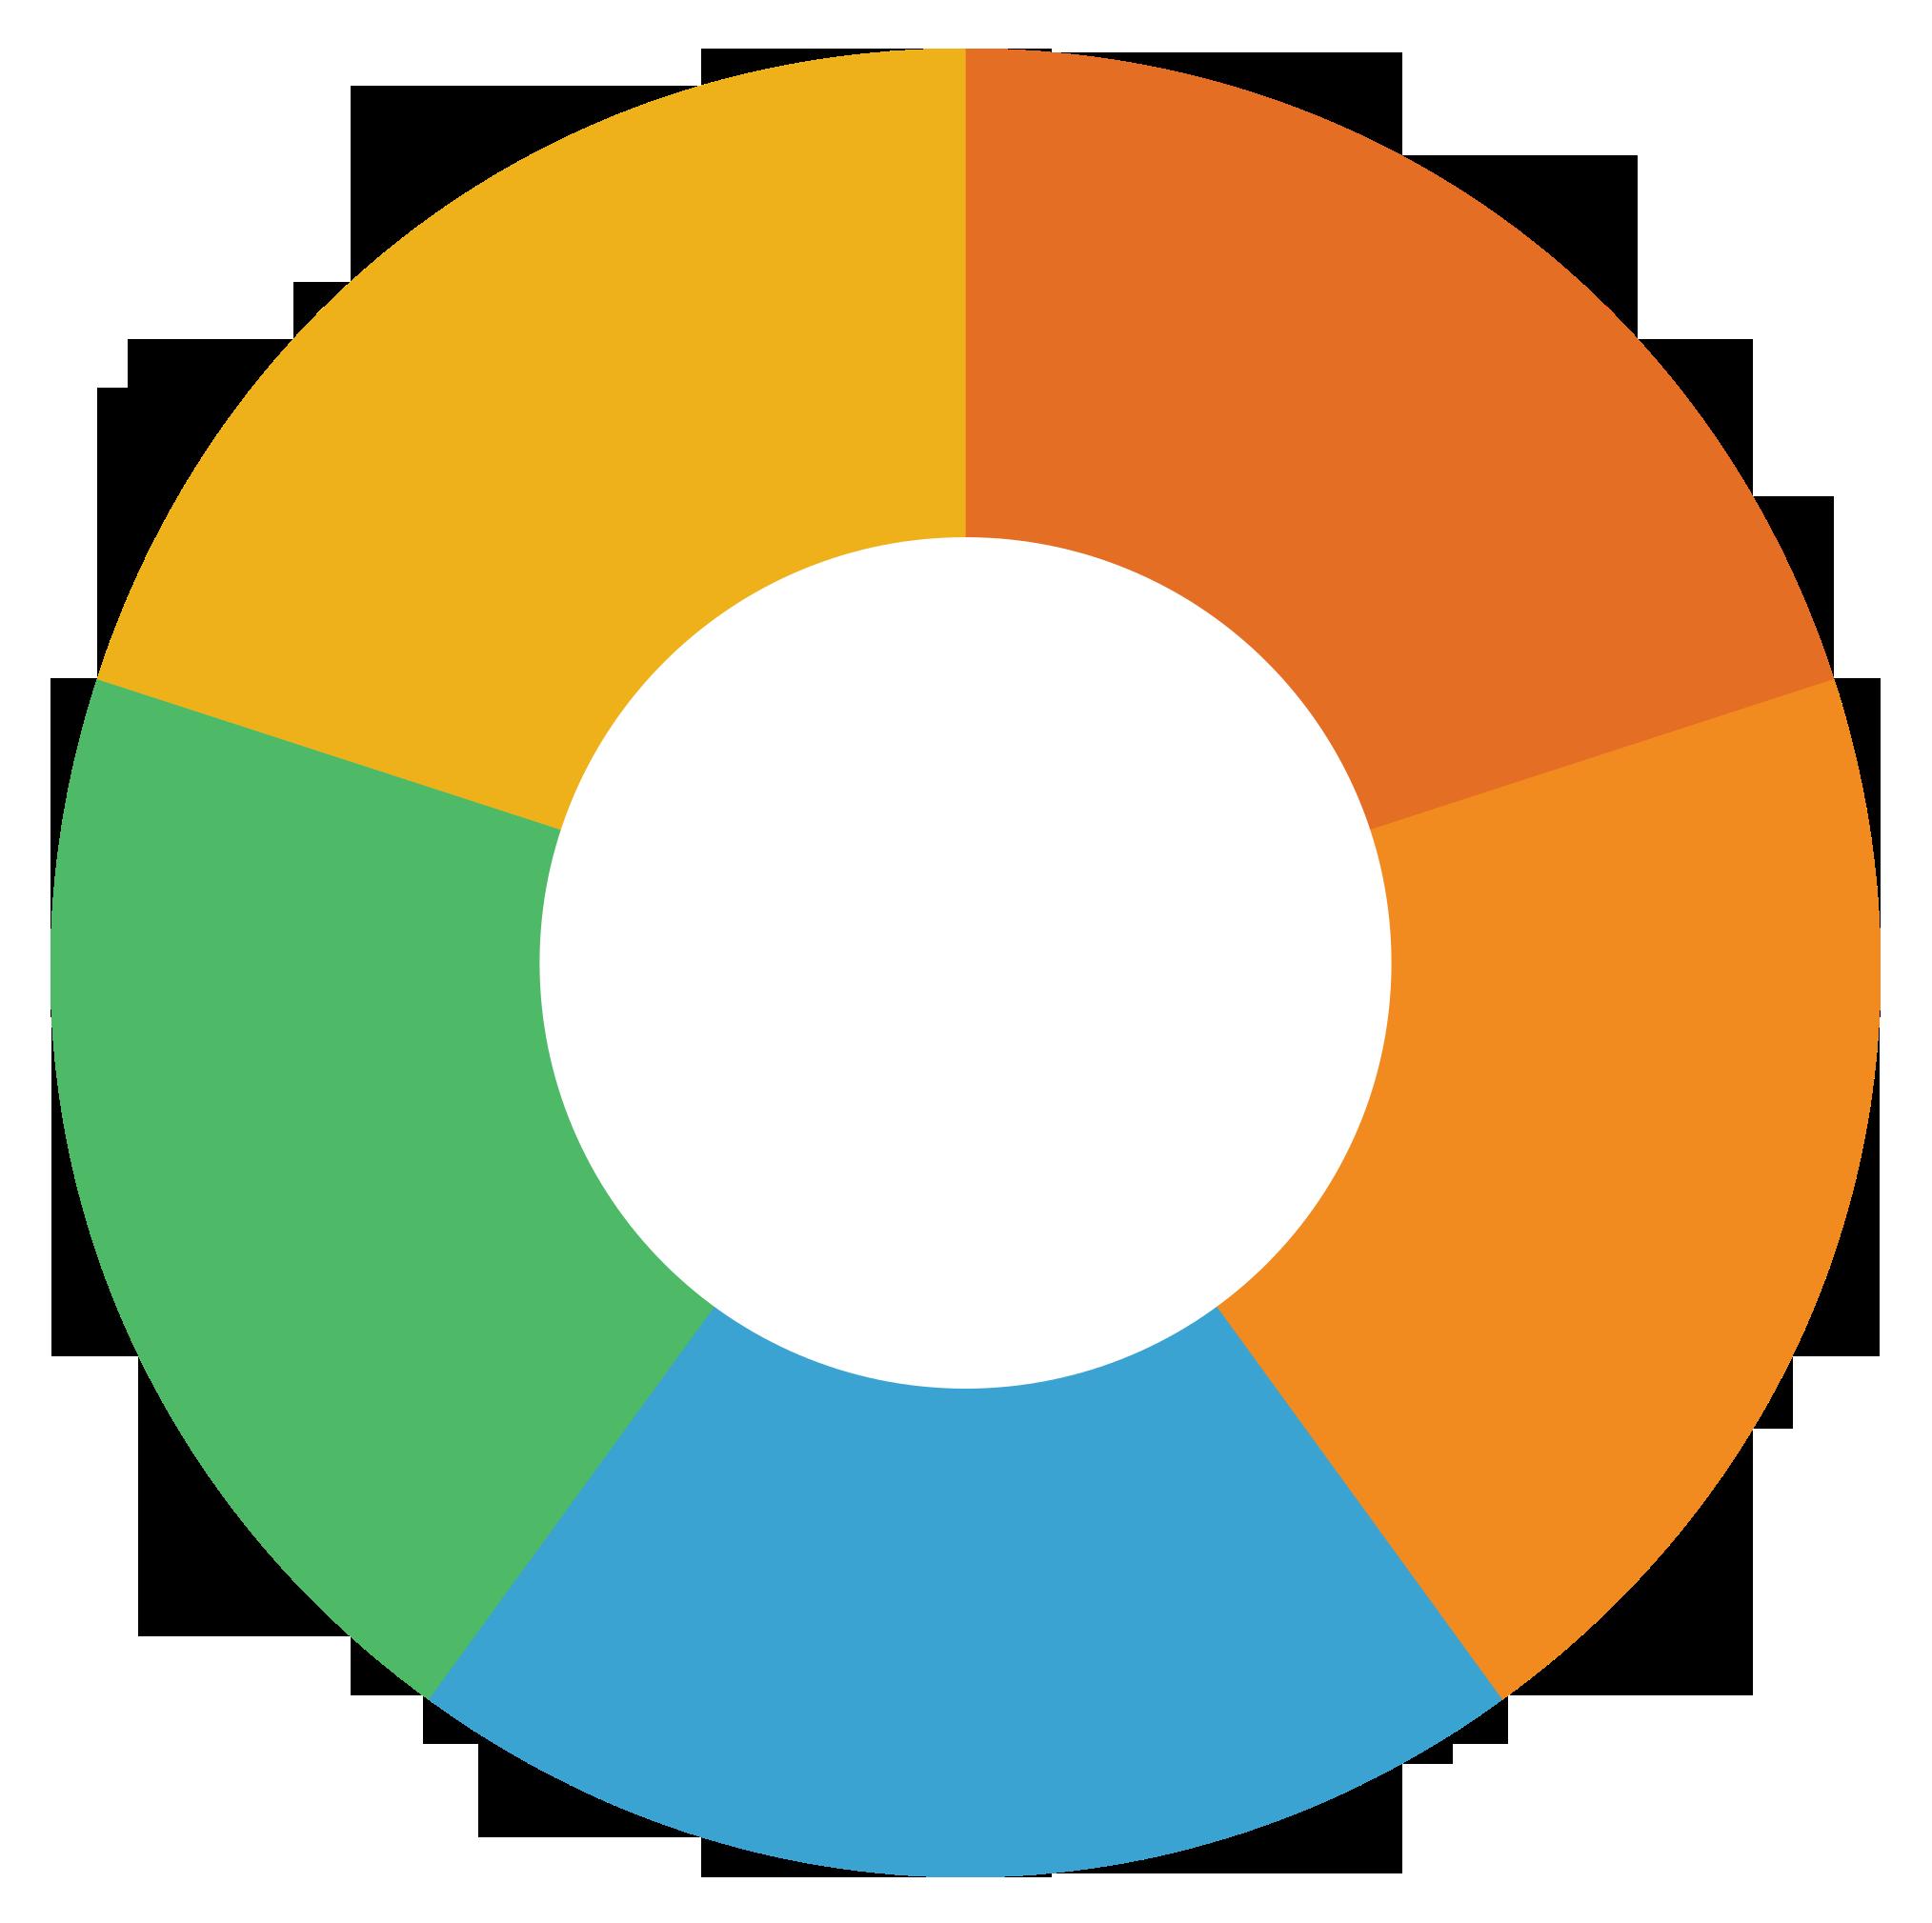 Pie chart png image. Graph clipart transparent